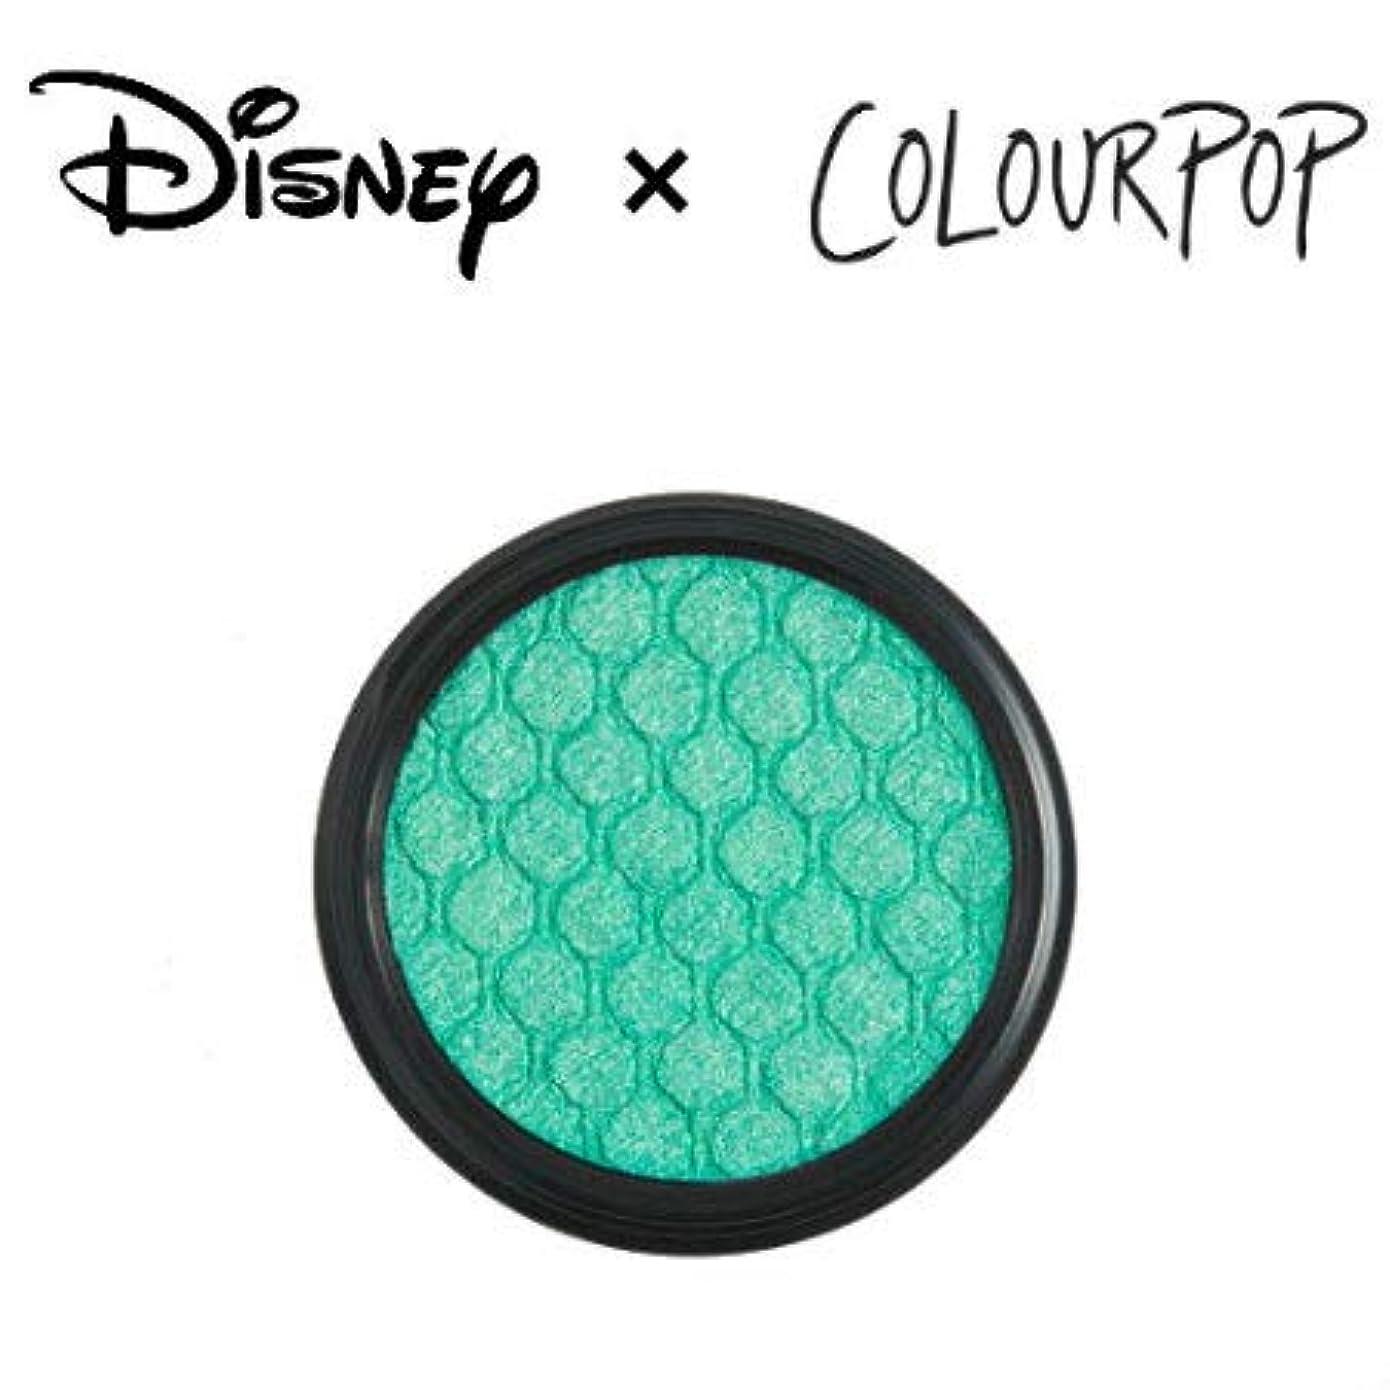 恐ろしい争う普遍的なカラーポップ COLOURPOP x DISNEY ディズニー プリンセス アイシャドウ UNDER THE SEA(シーグリーン)